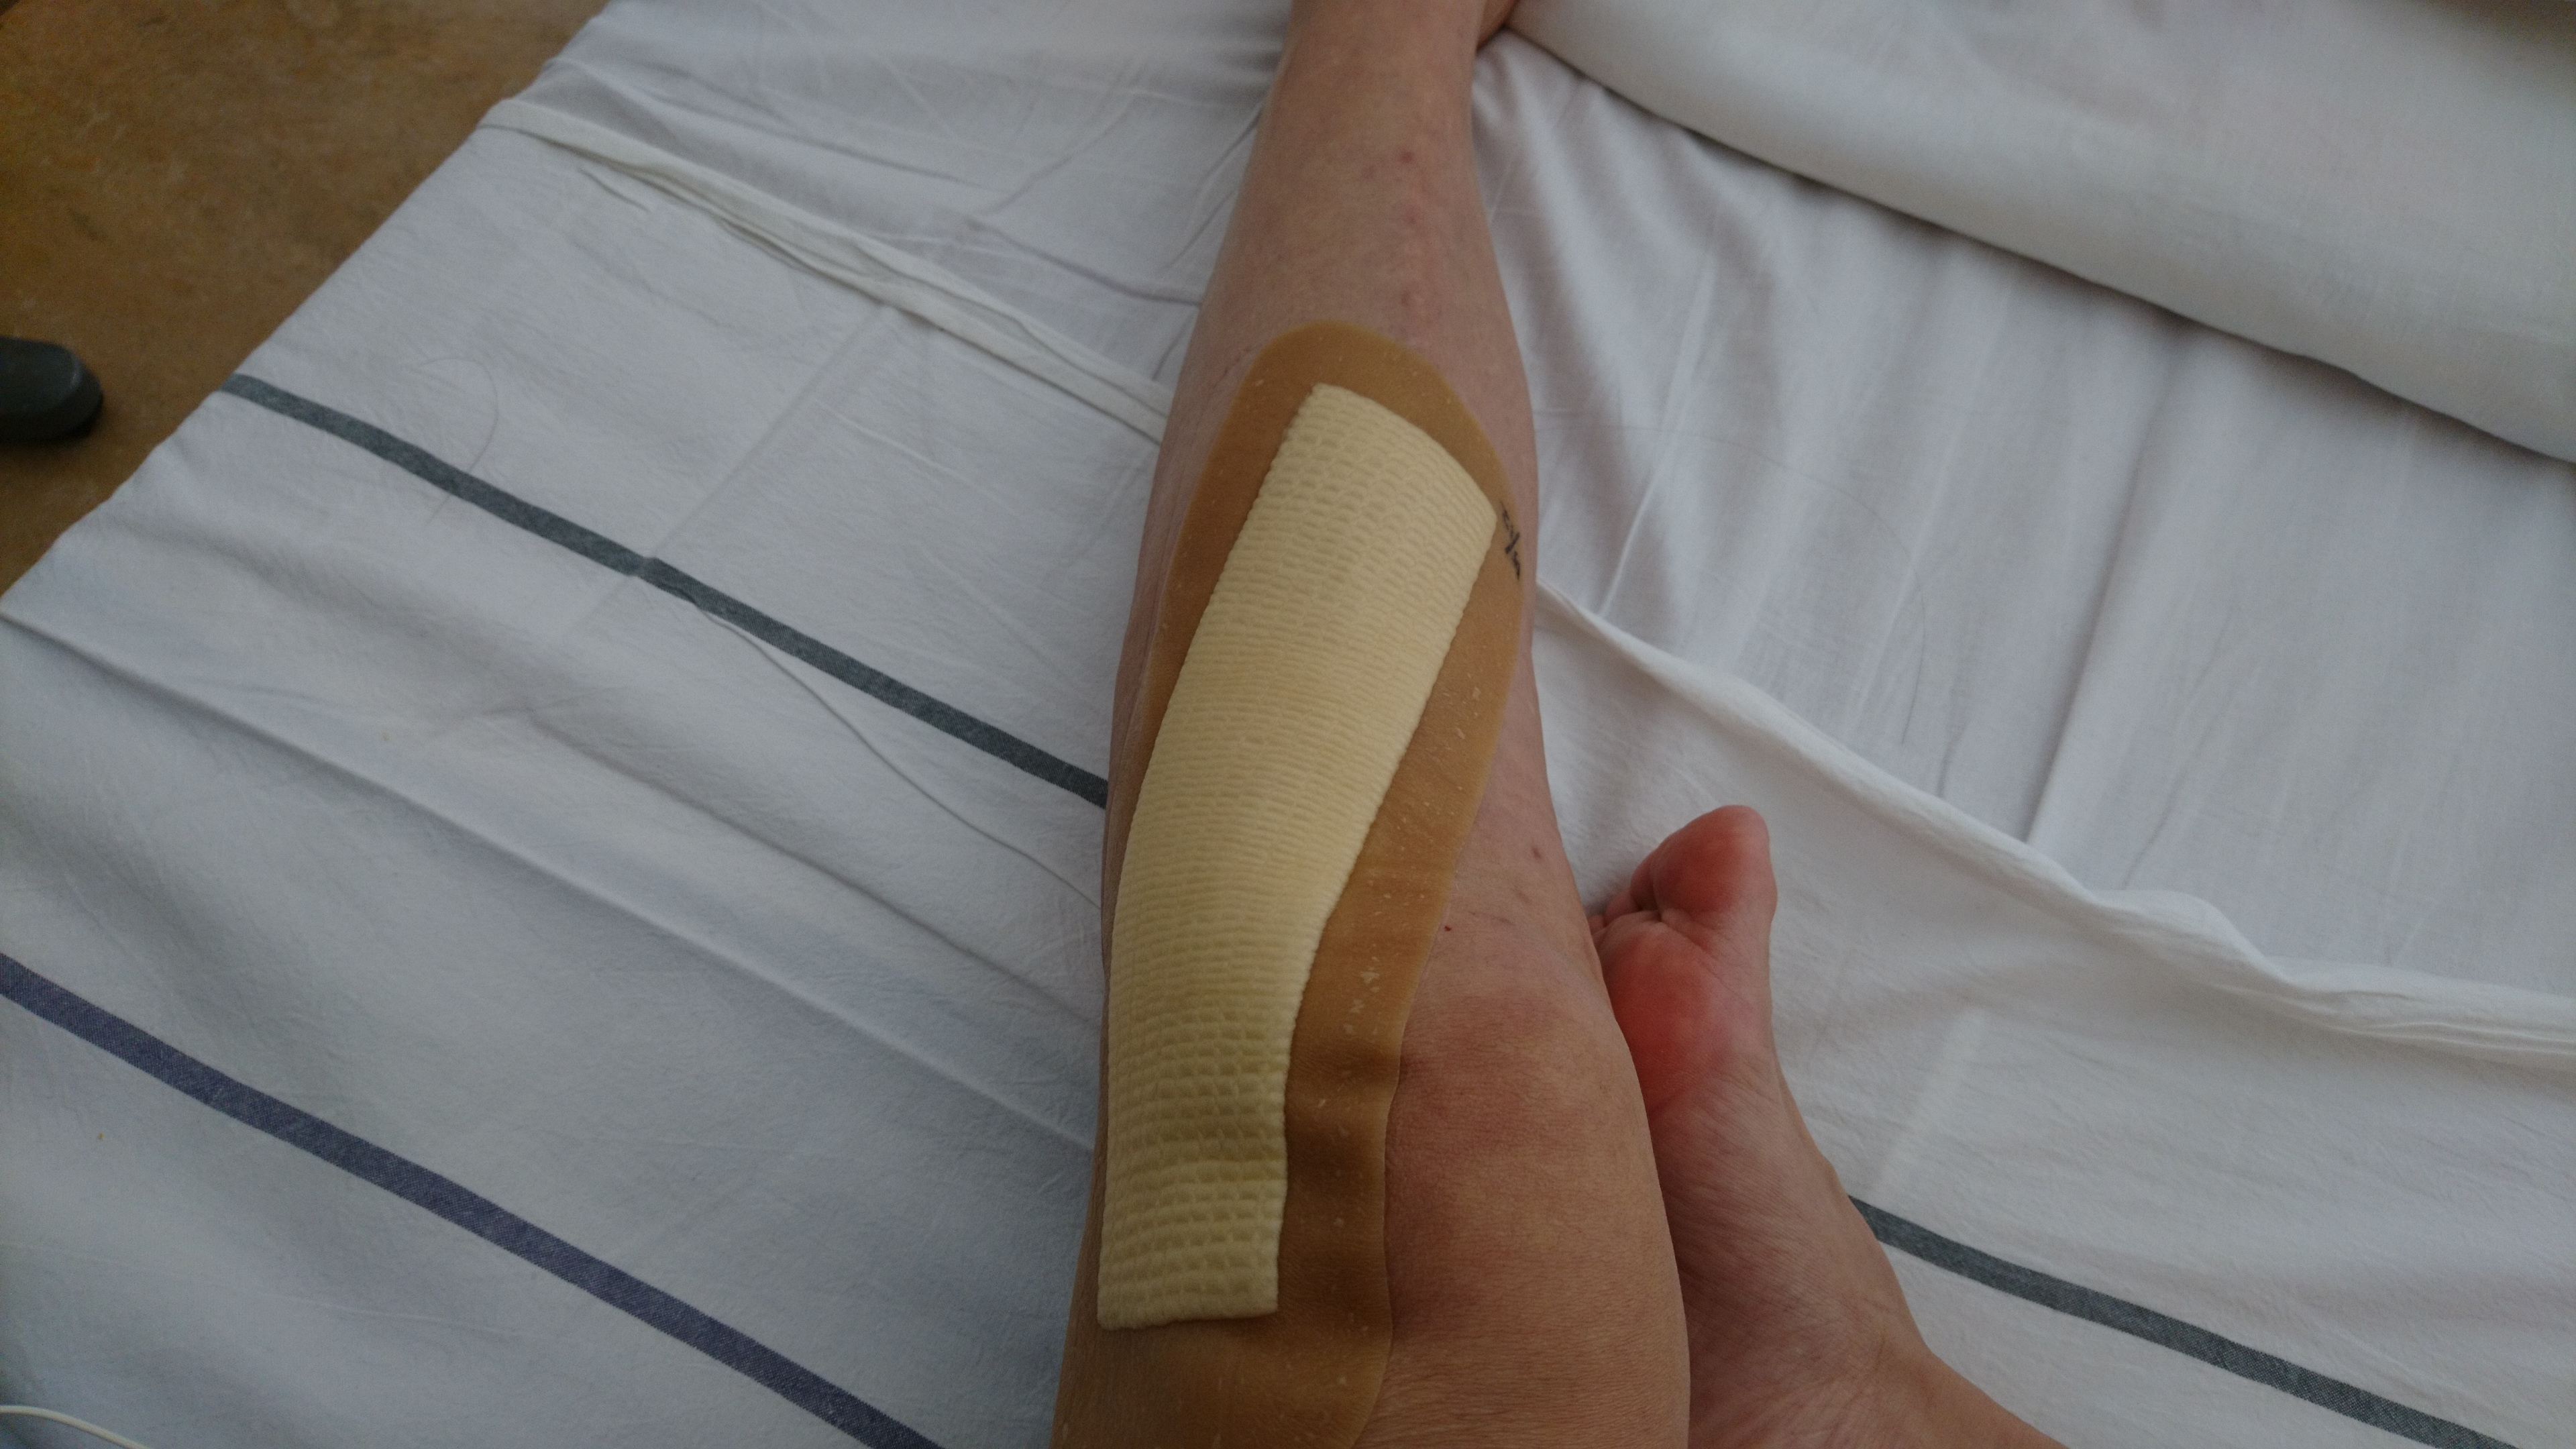 骨折日記36:抜釘後退院、手術3日後に初出勤